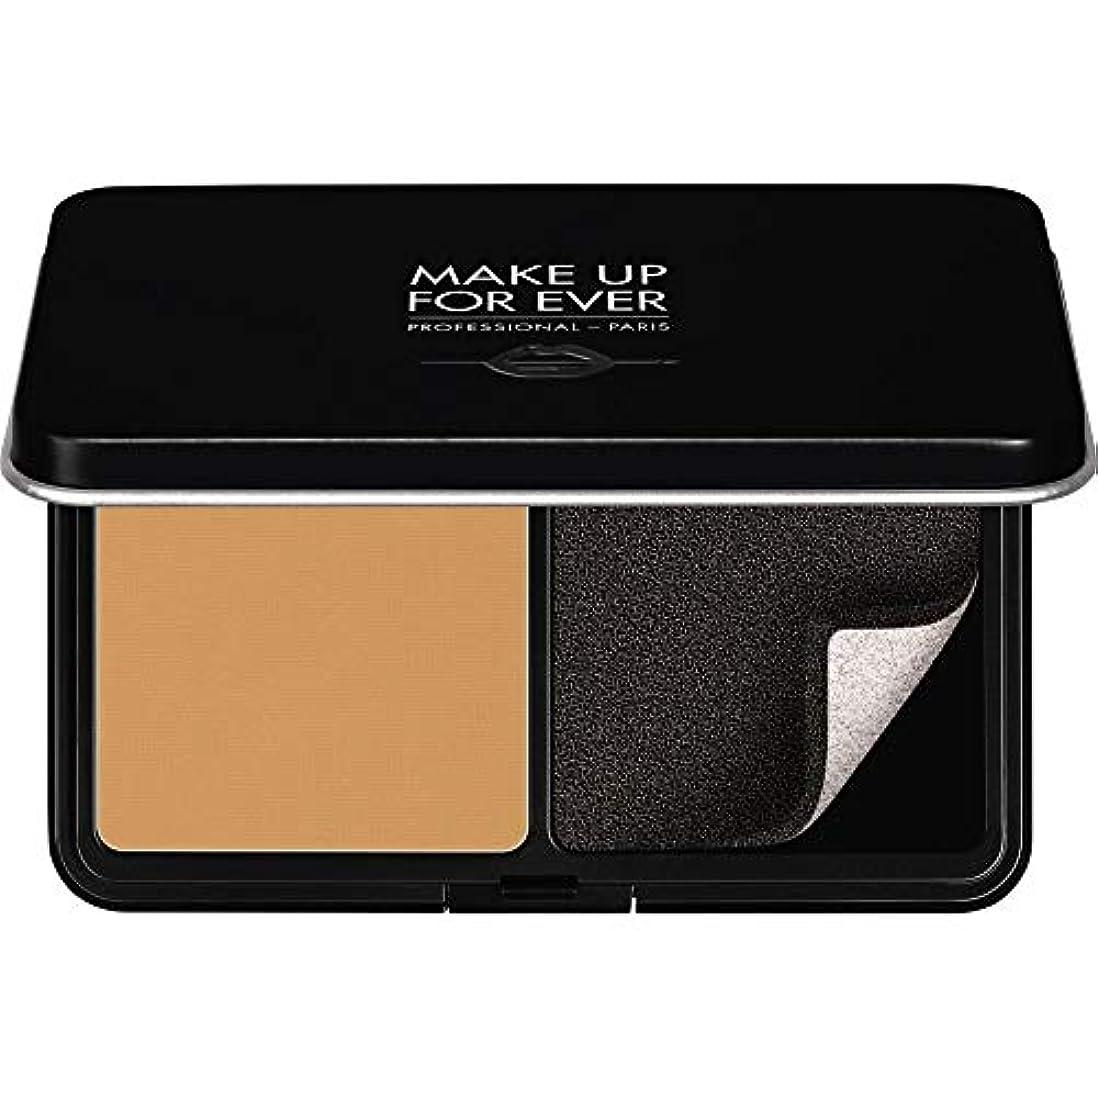 詳細なファームスティック[MAKE UP FOR EVER ] パウダーファンデーション11GののY405をぼかし、これまでマットベルベットの肌を補う - 黄金の蜂蜜 - MAKE UP FOR EVER Matte Velvet Skin Blurring...